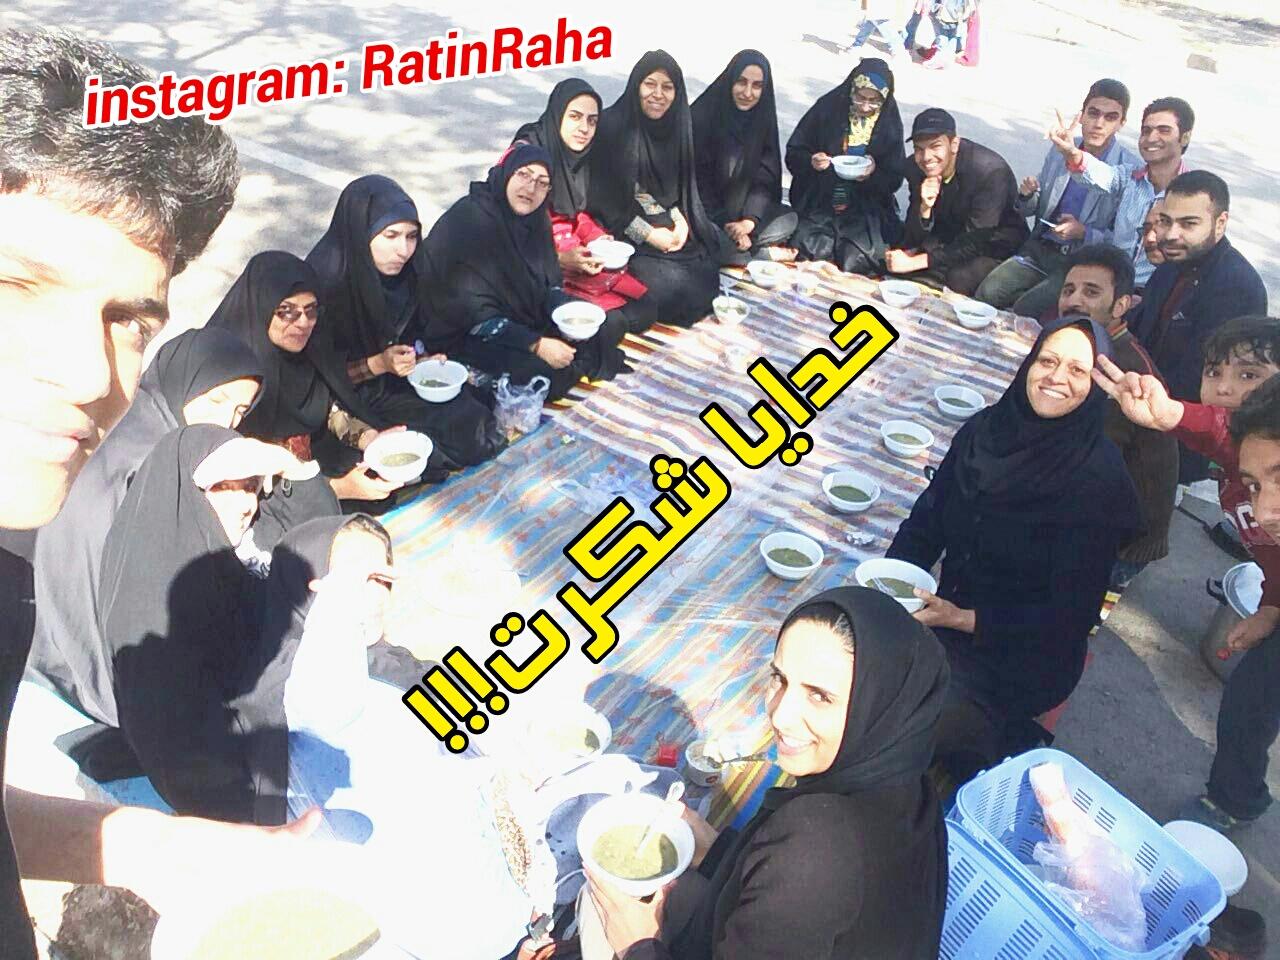 راتین و نریمان رها در جمع مثبت اندیشان کرمانی